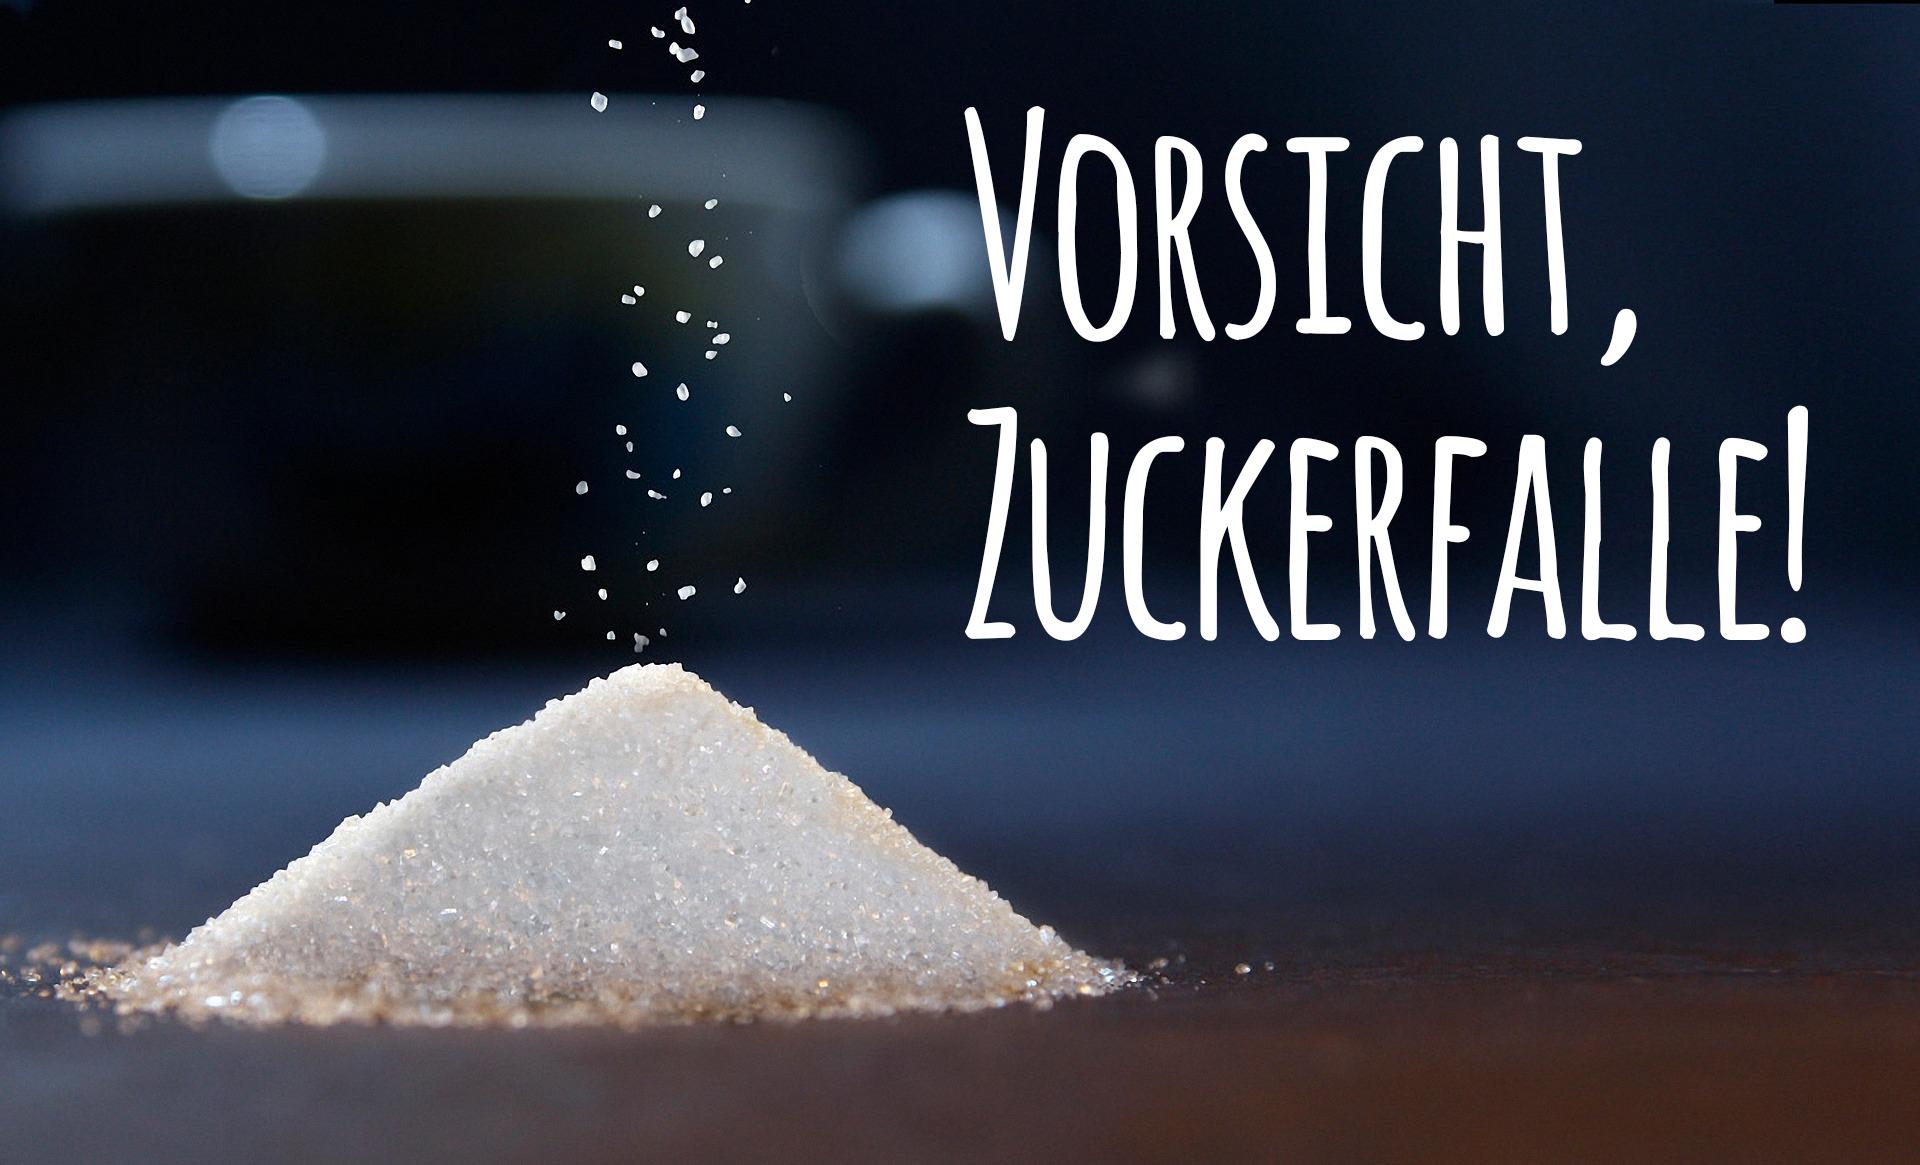 Vorsicht-Zuckerfalle-